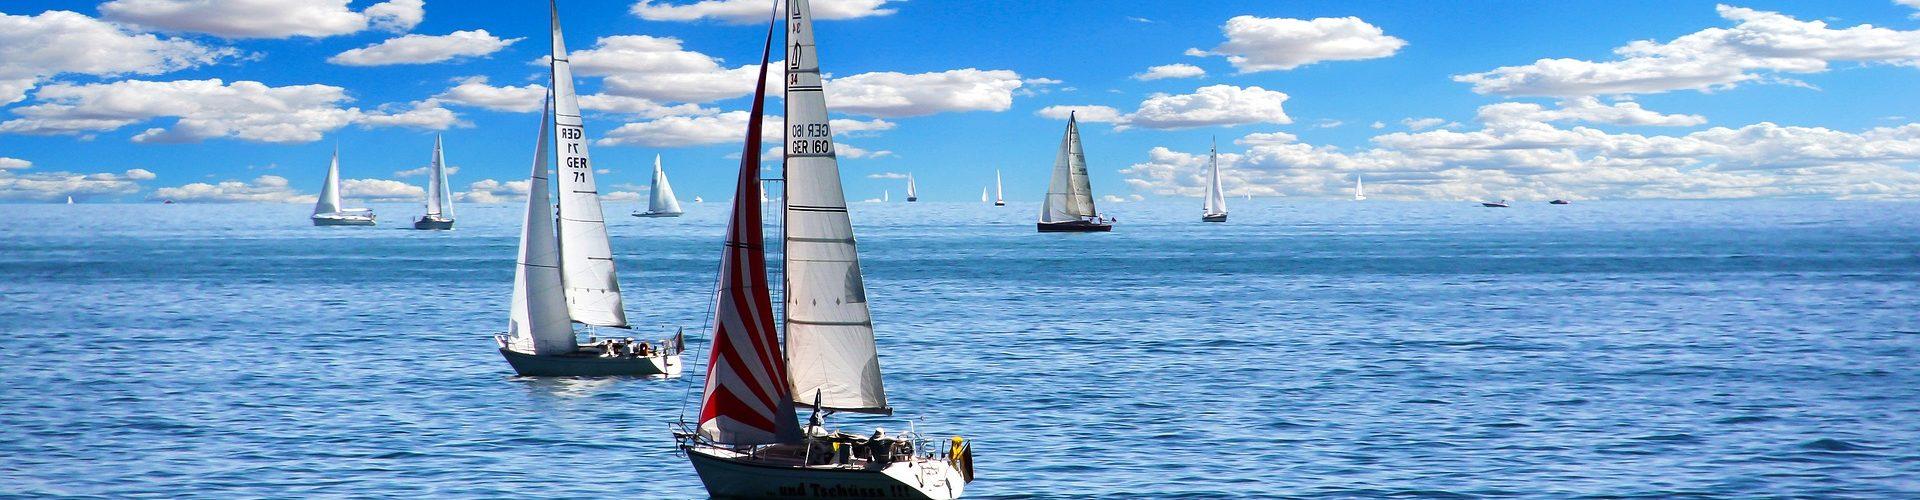 segeln lernen in Geilenkirchen segelschein machen in Geilenkirchen 1920x500 - Segeln lernen in Geilenkirchen